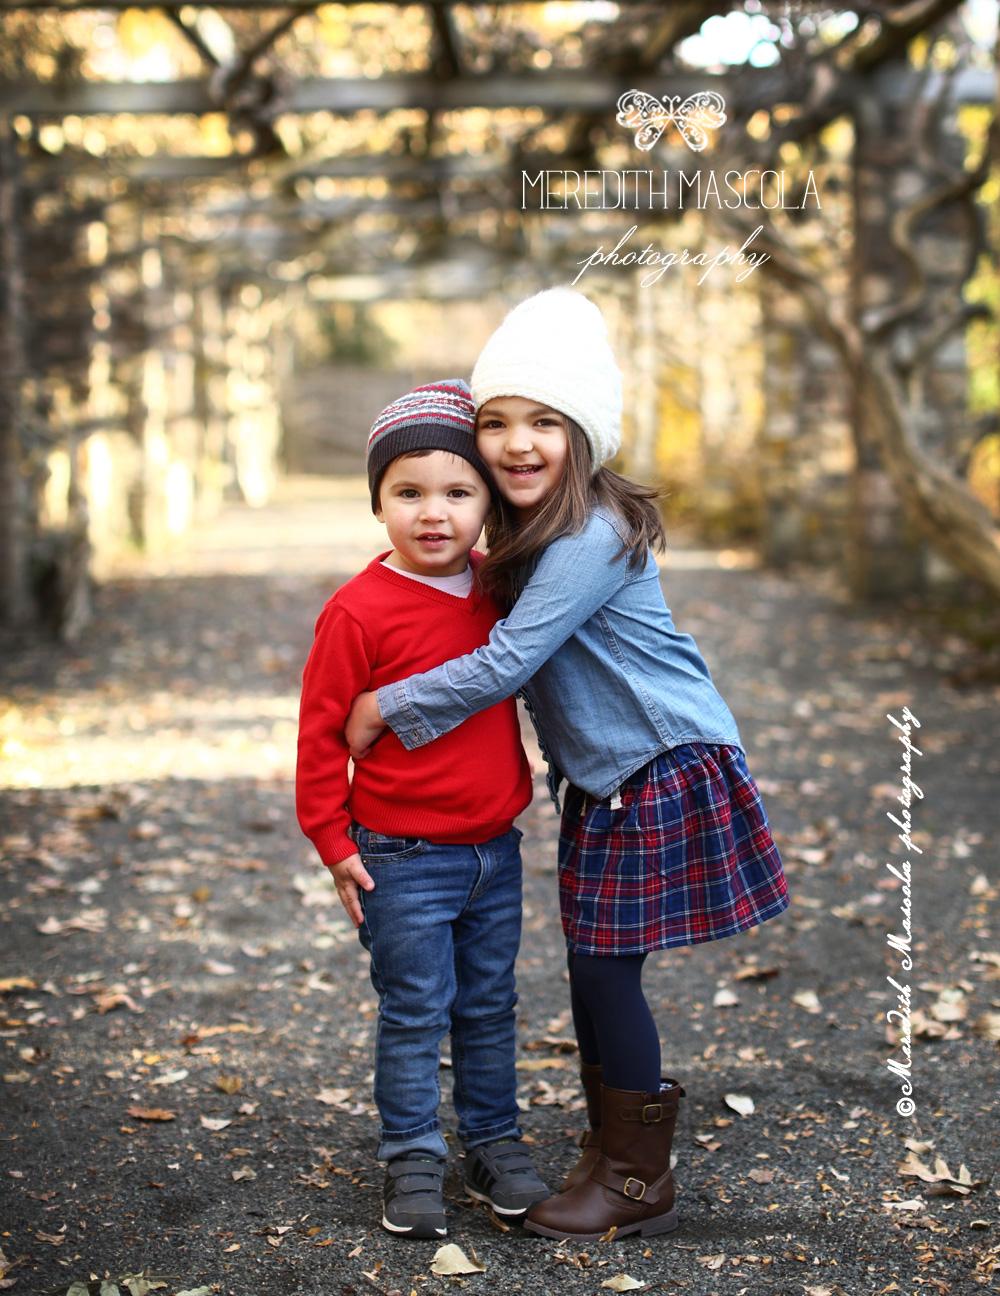 newjerseyfamilyphotographer60.jpg